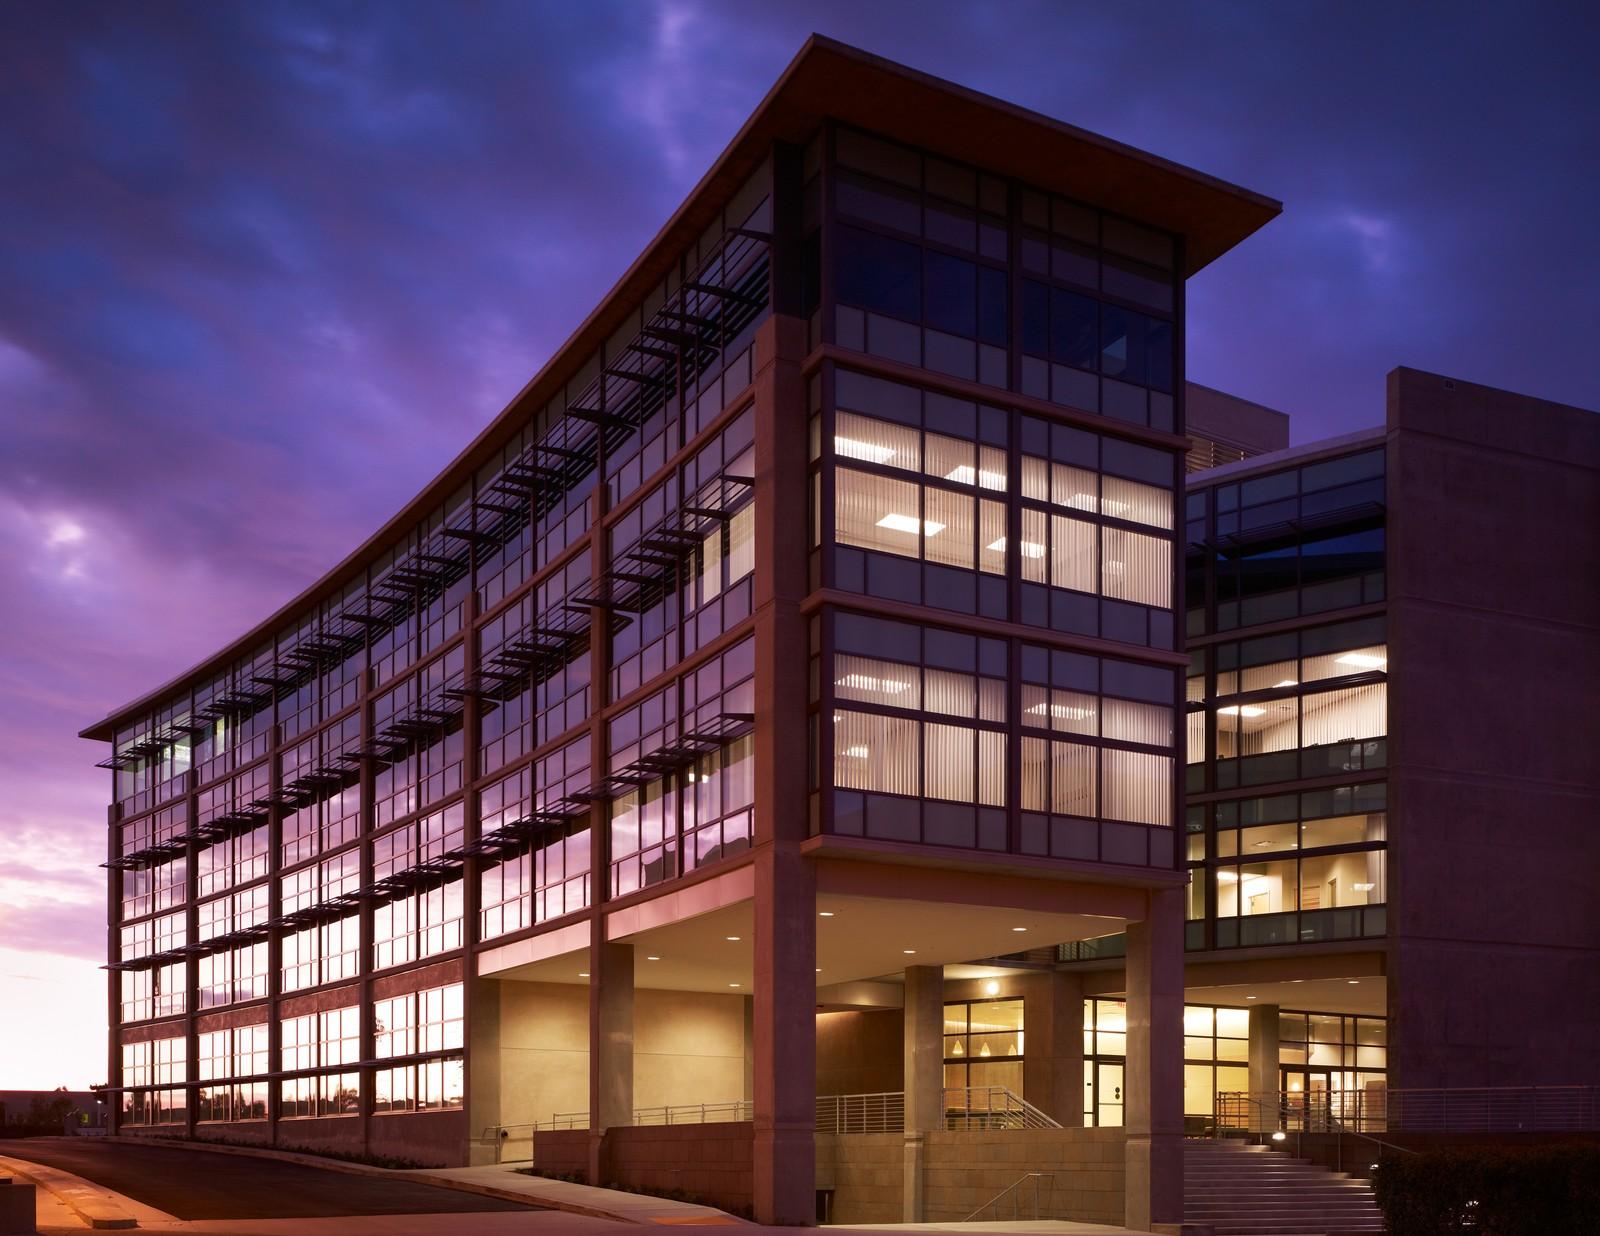 UC Irvine School of Medicine | LinkedIn